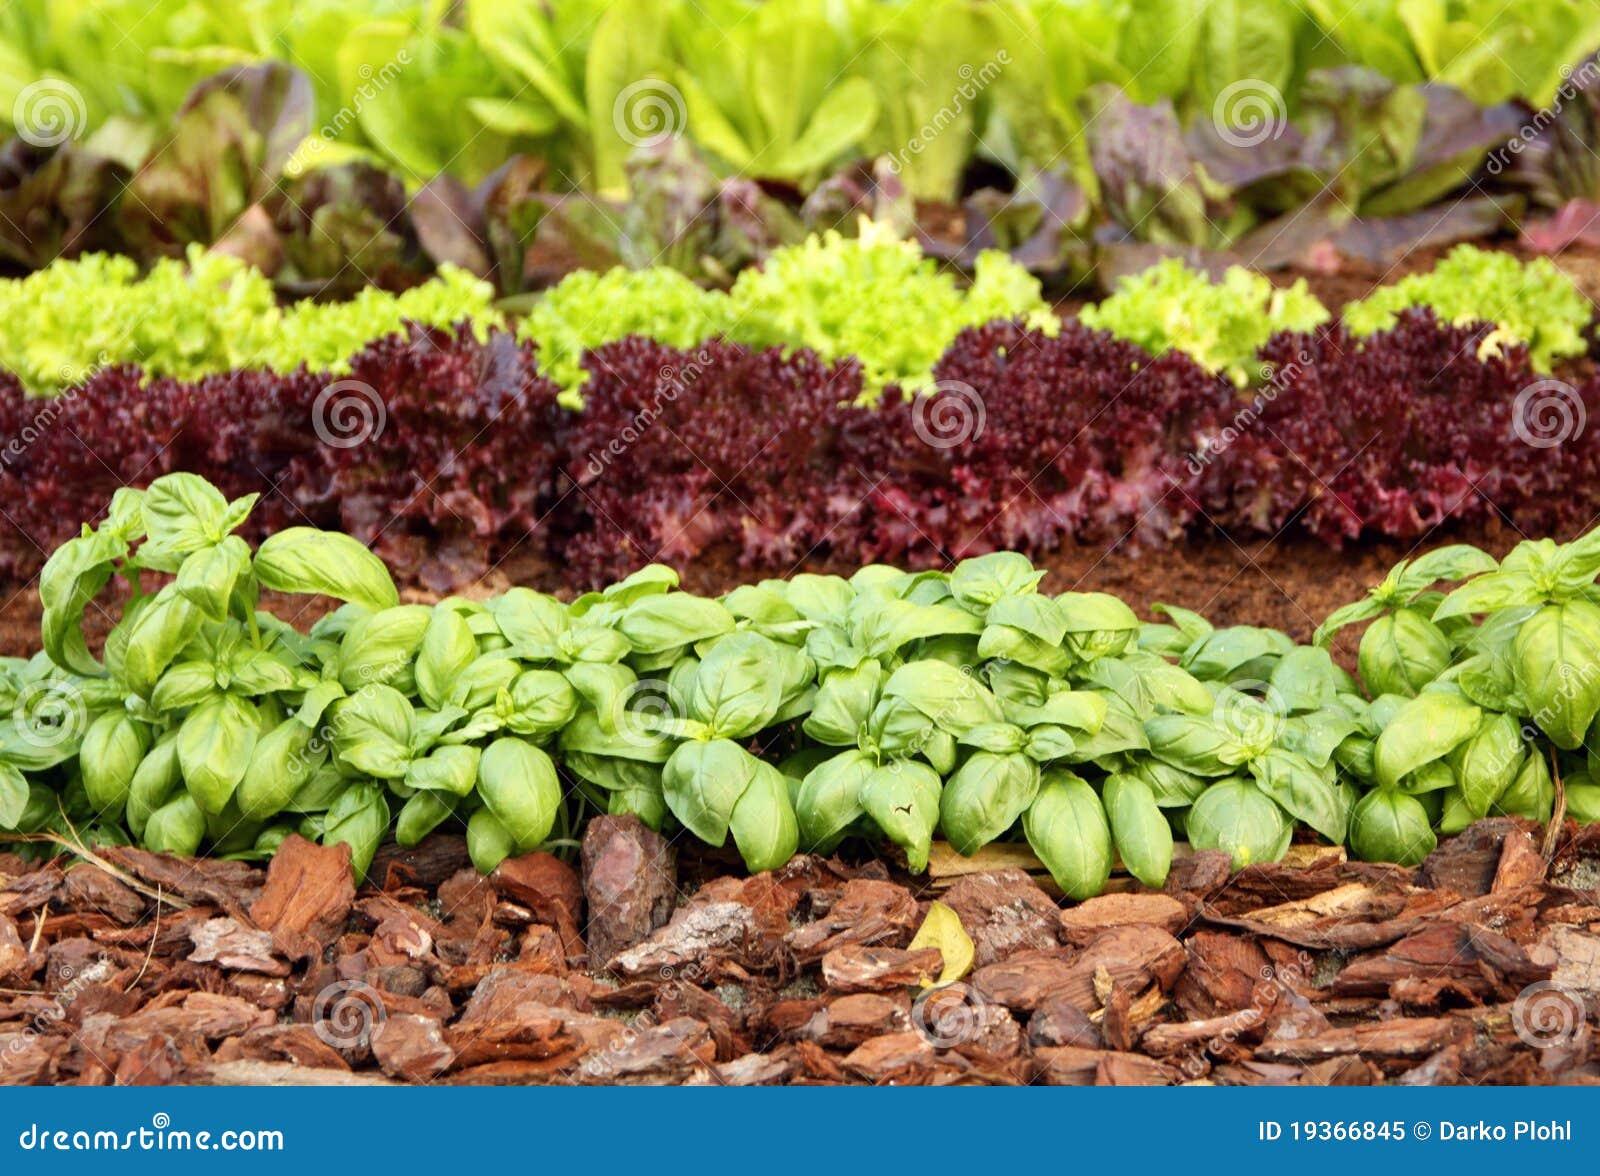 Cama do jardim com vegetais e ervas